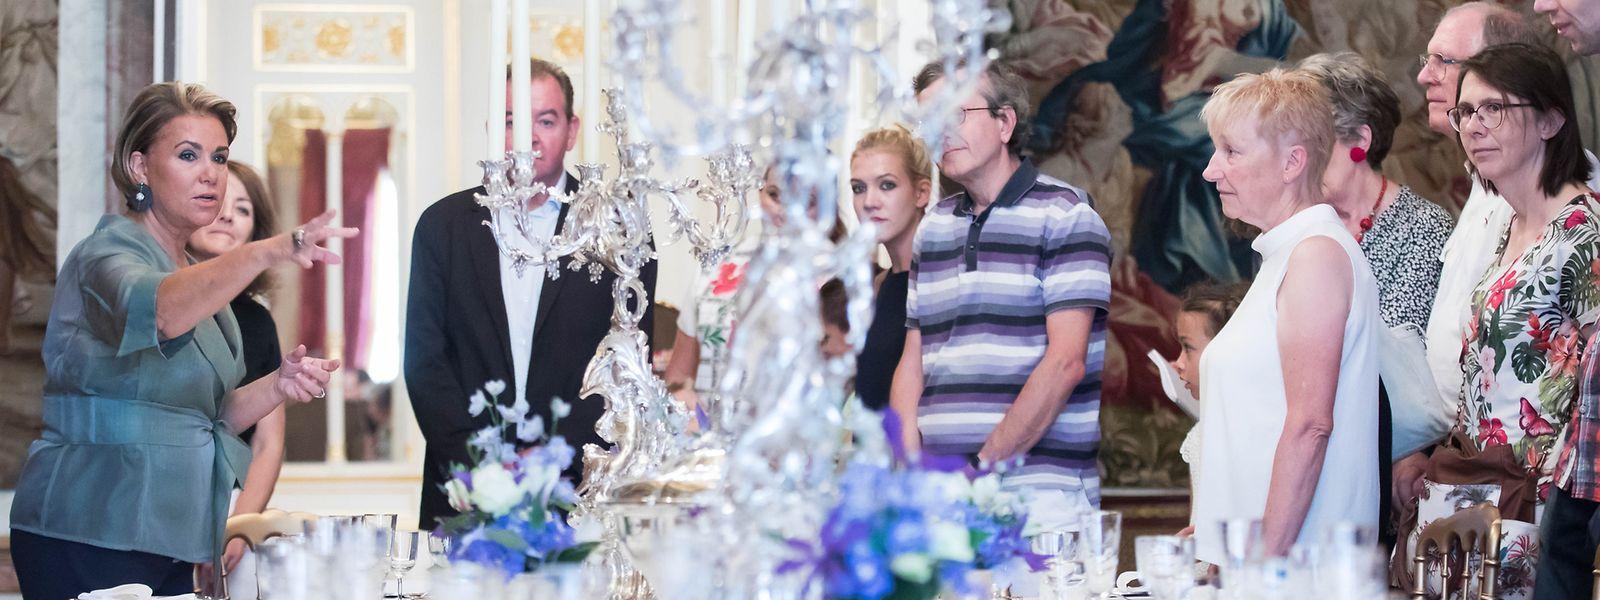 Großherzogin Maria Teresa (l.) führt die Besucher durch den großherzoglichen Palast.